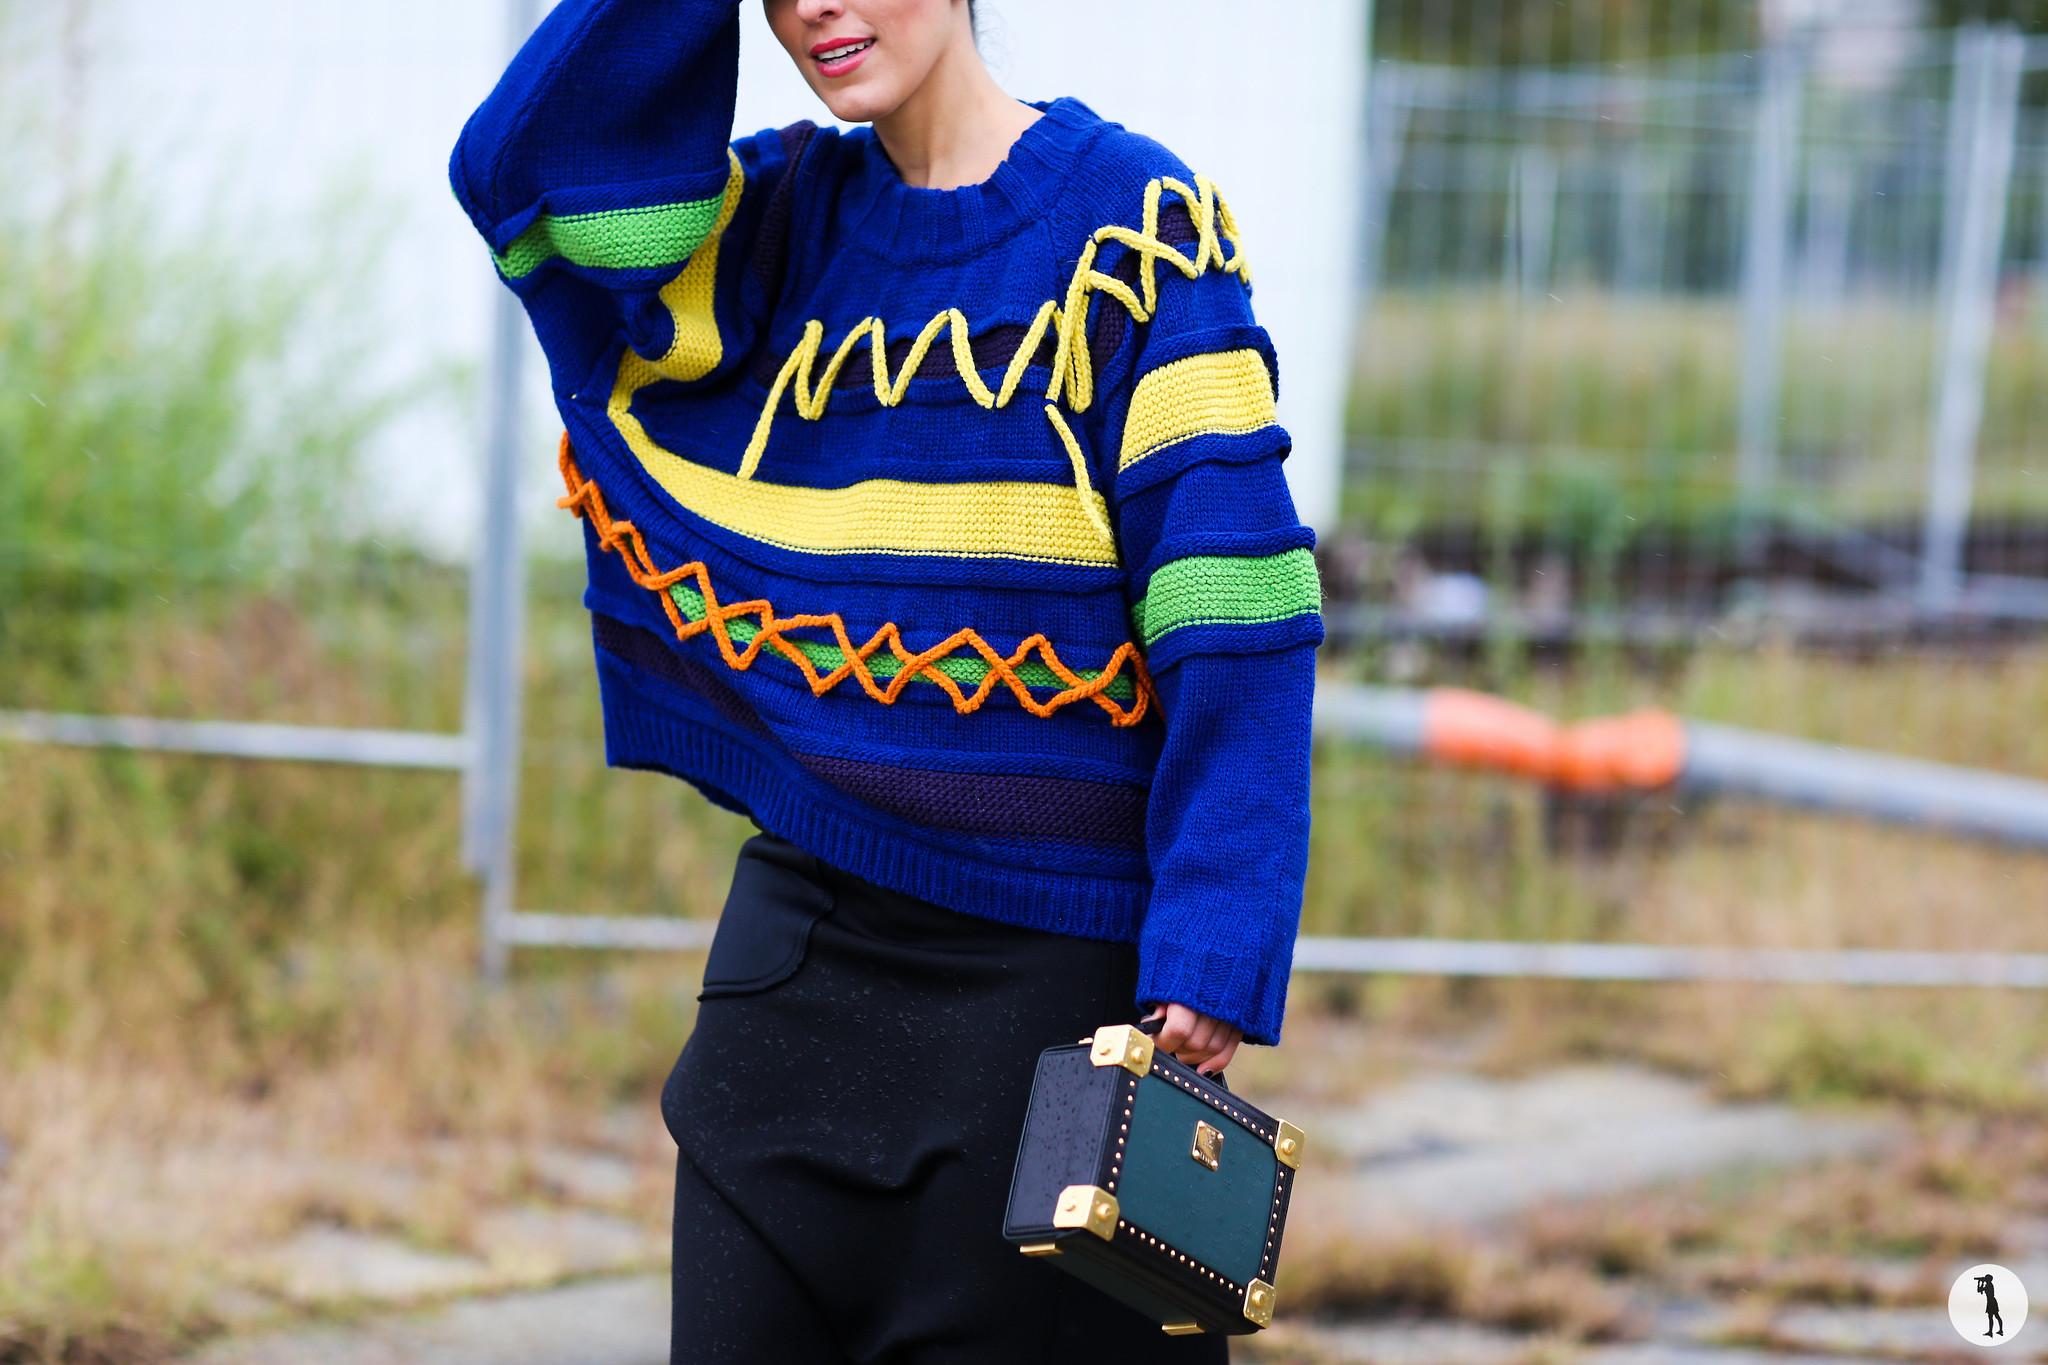 Laura Comolli at Milan Fashion Week